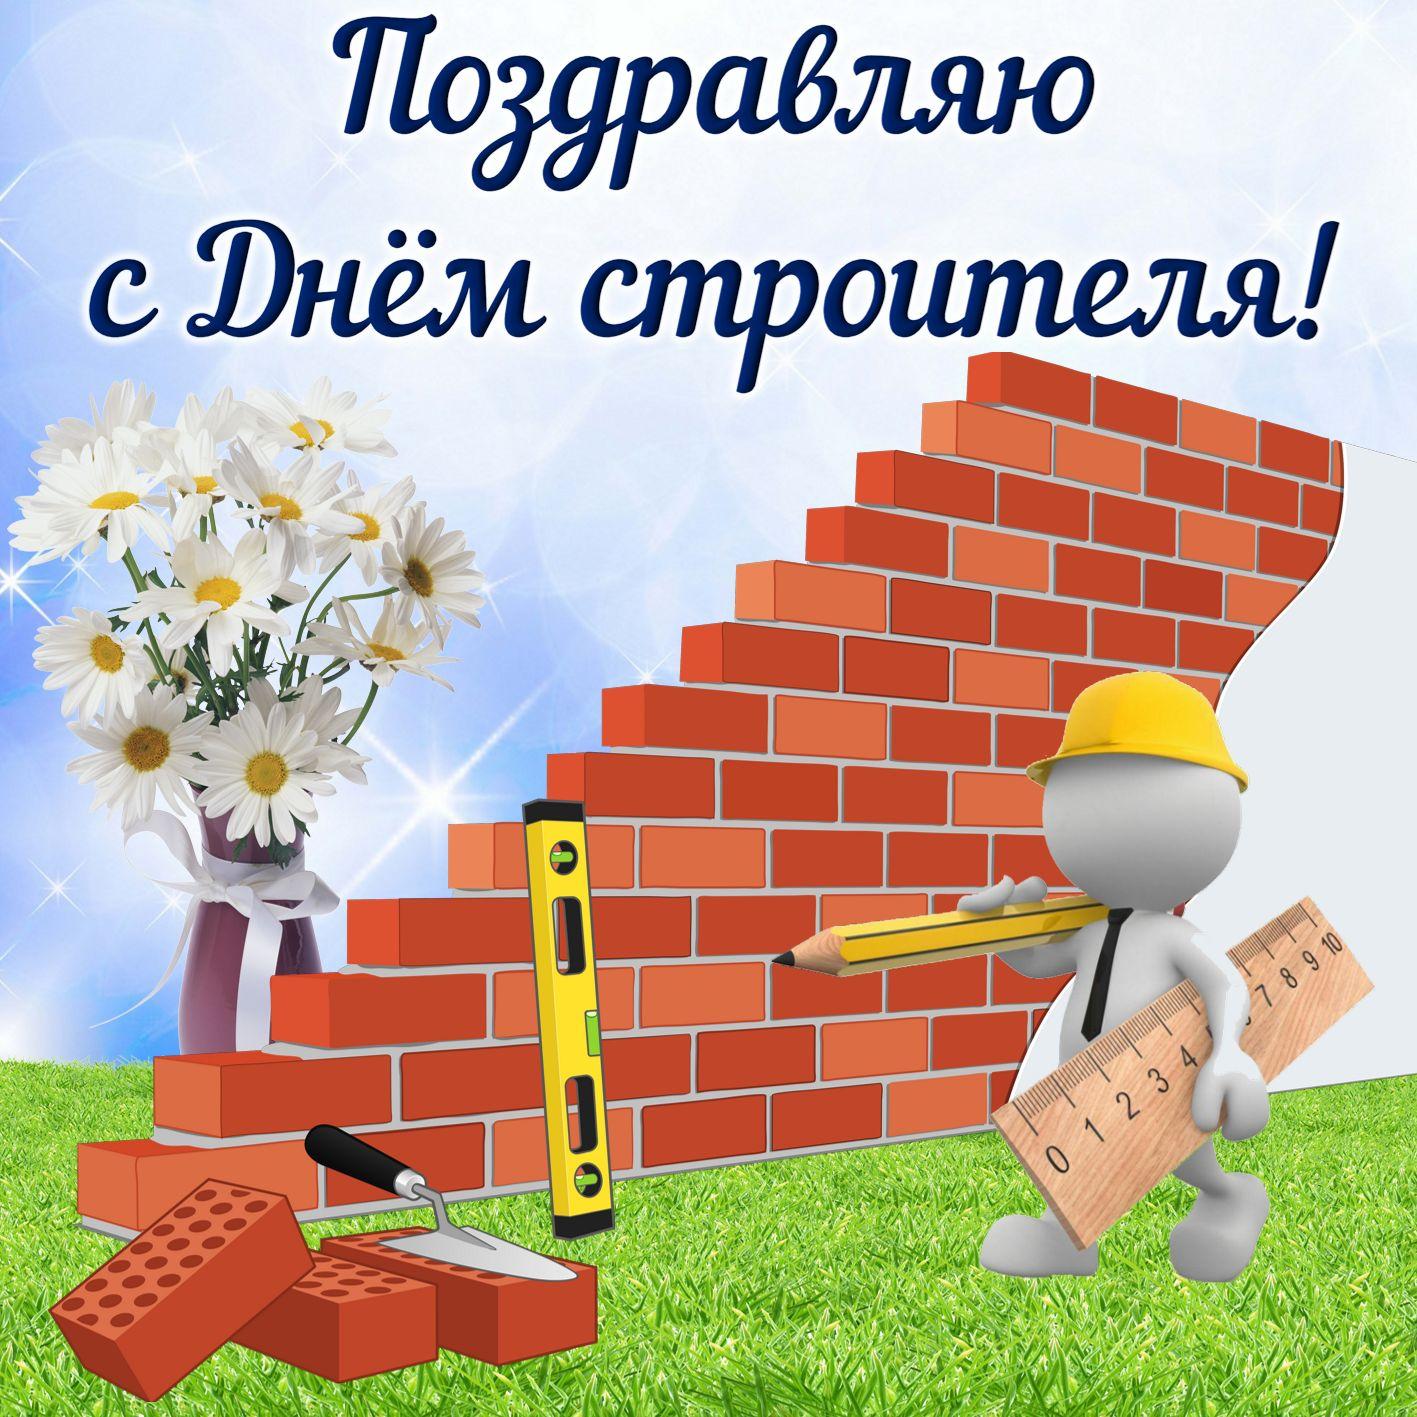 Поздравления с днем строителя магазинов